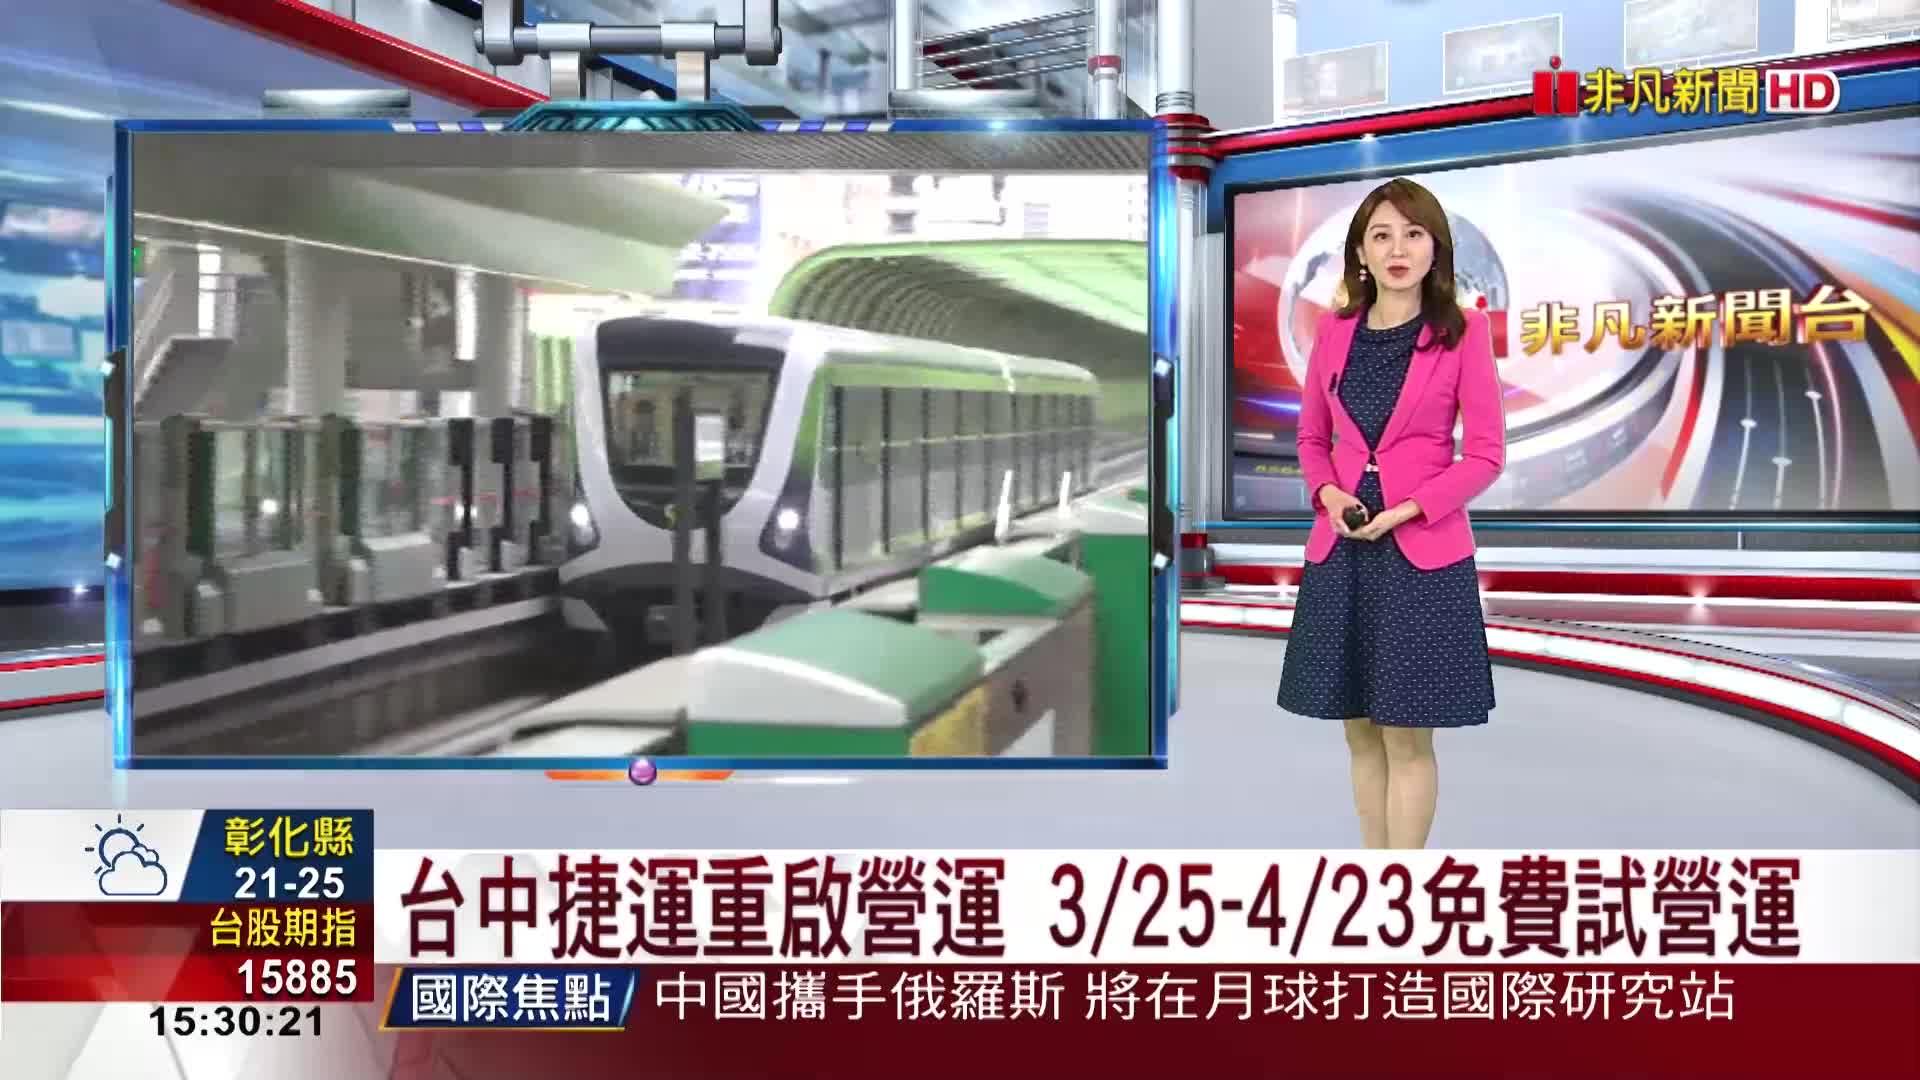 台中捷運重啟營運 3/25-4/23免費試營運